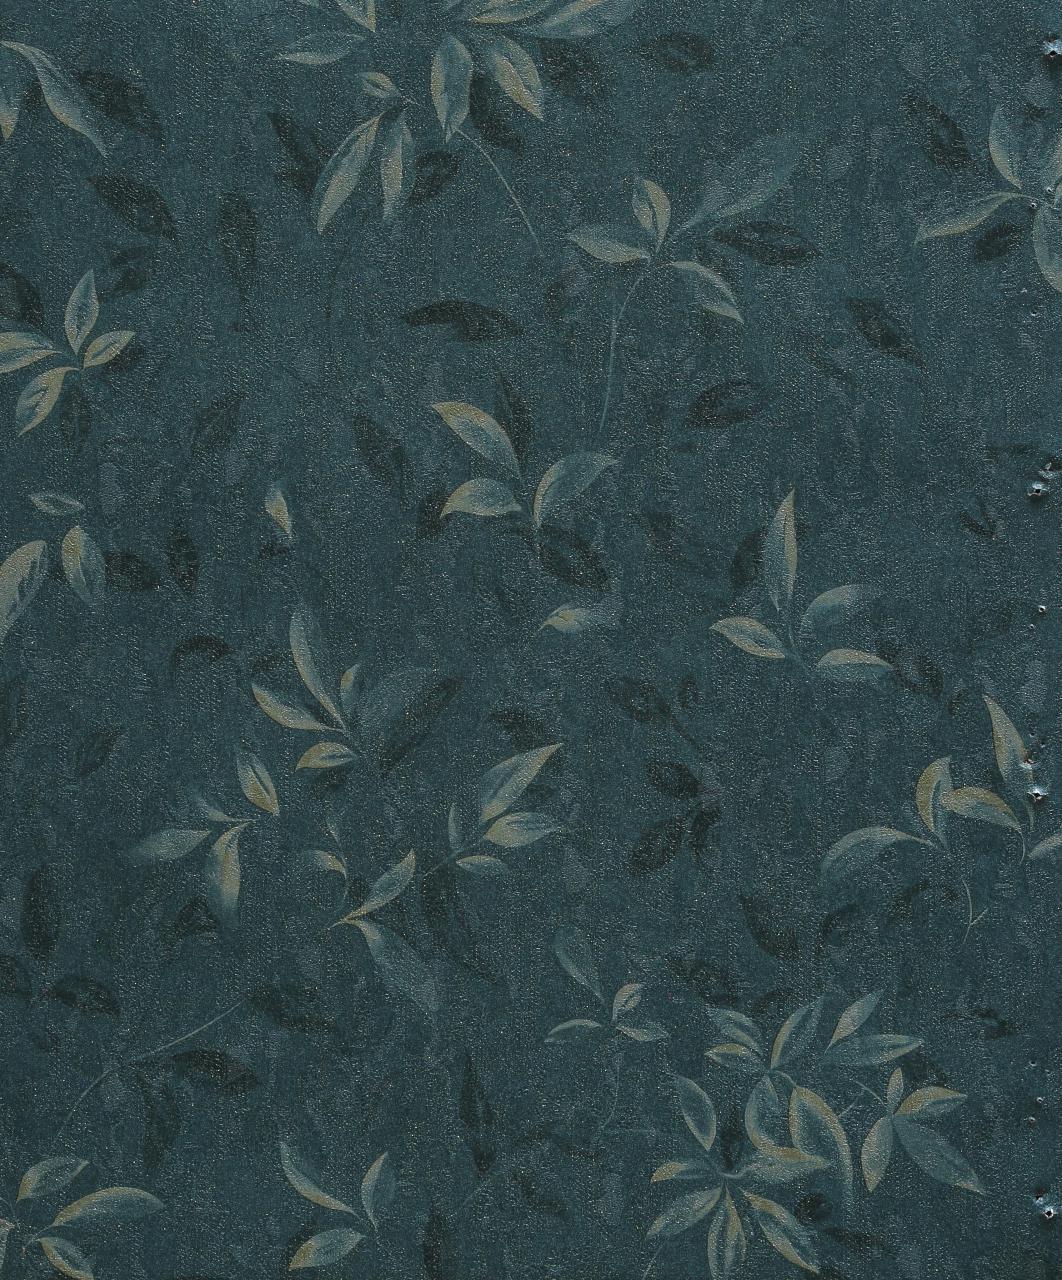 کاغذ دیواری طرح برگ زمینه سبز تیره آلبوم اوکیا